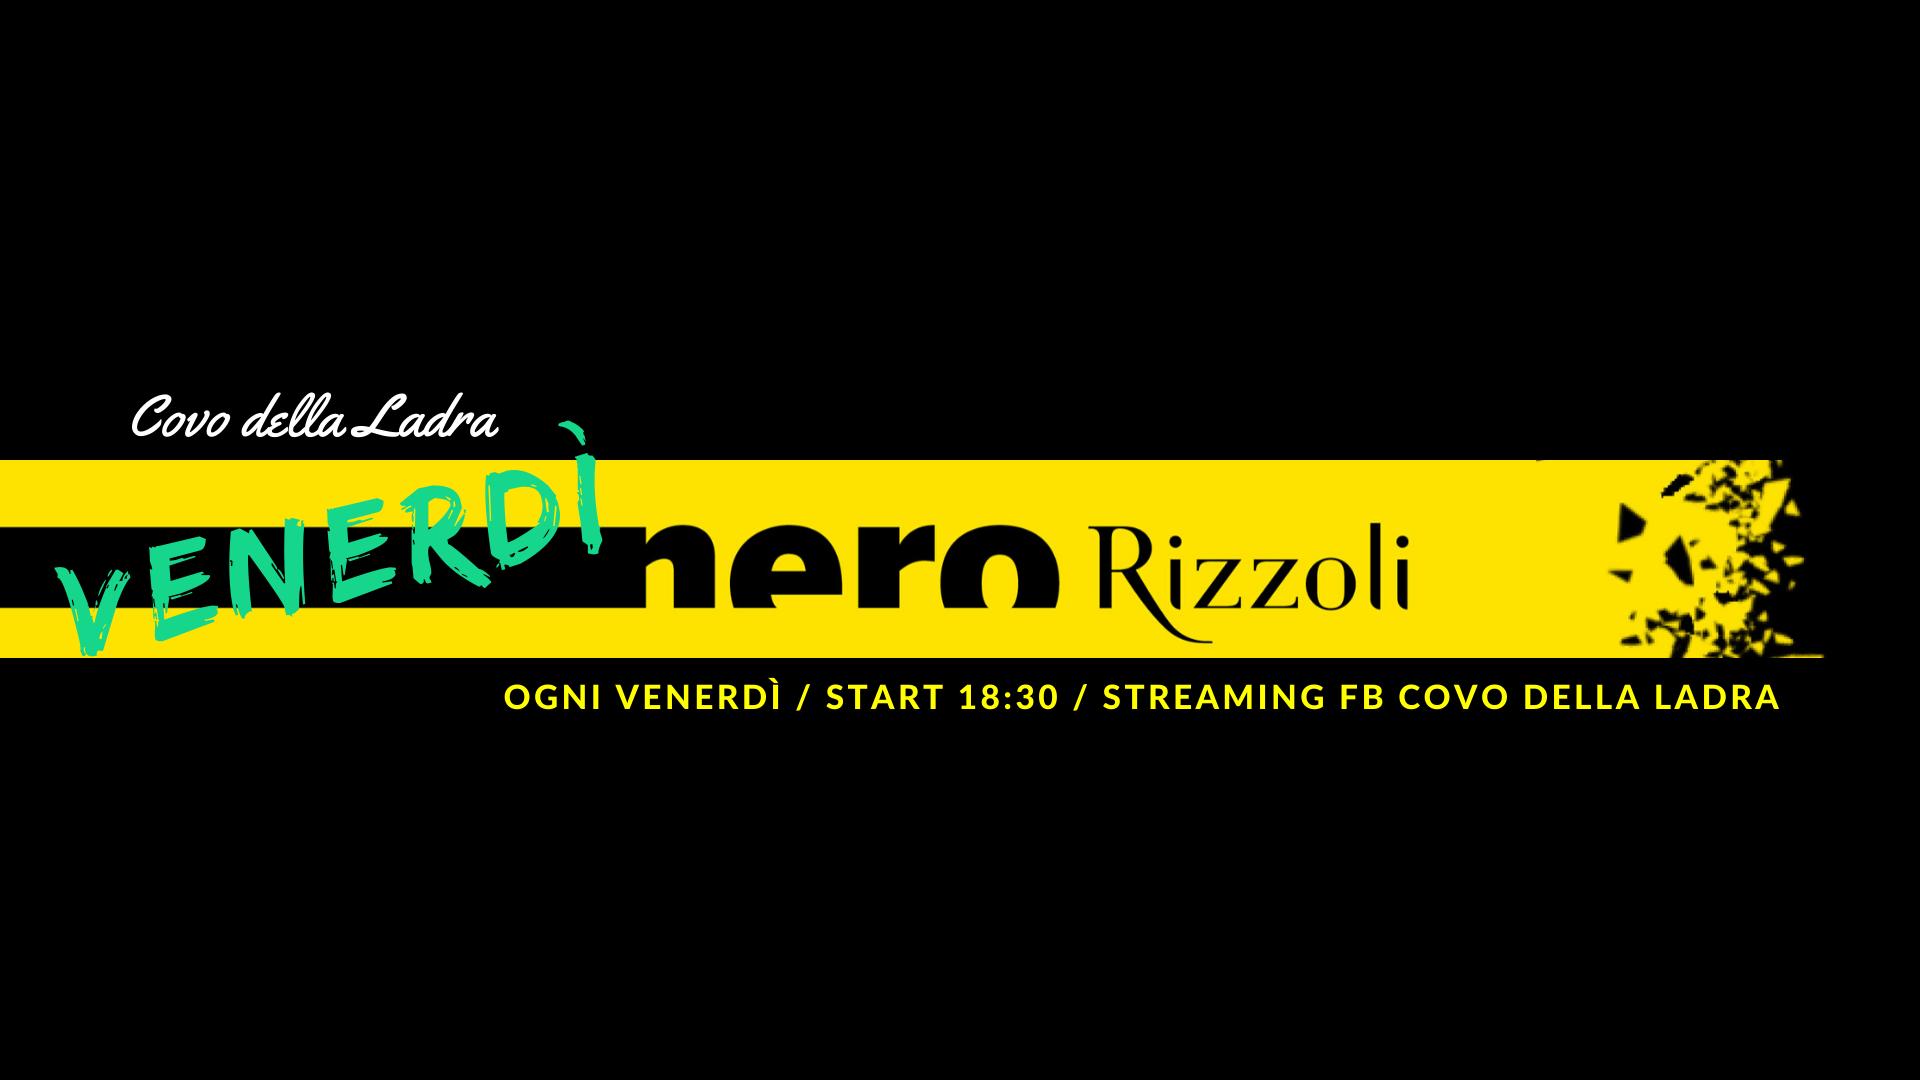 Venerdì Nero Rizzoli